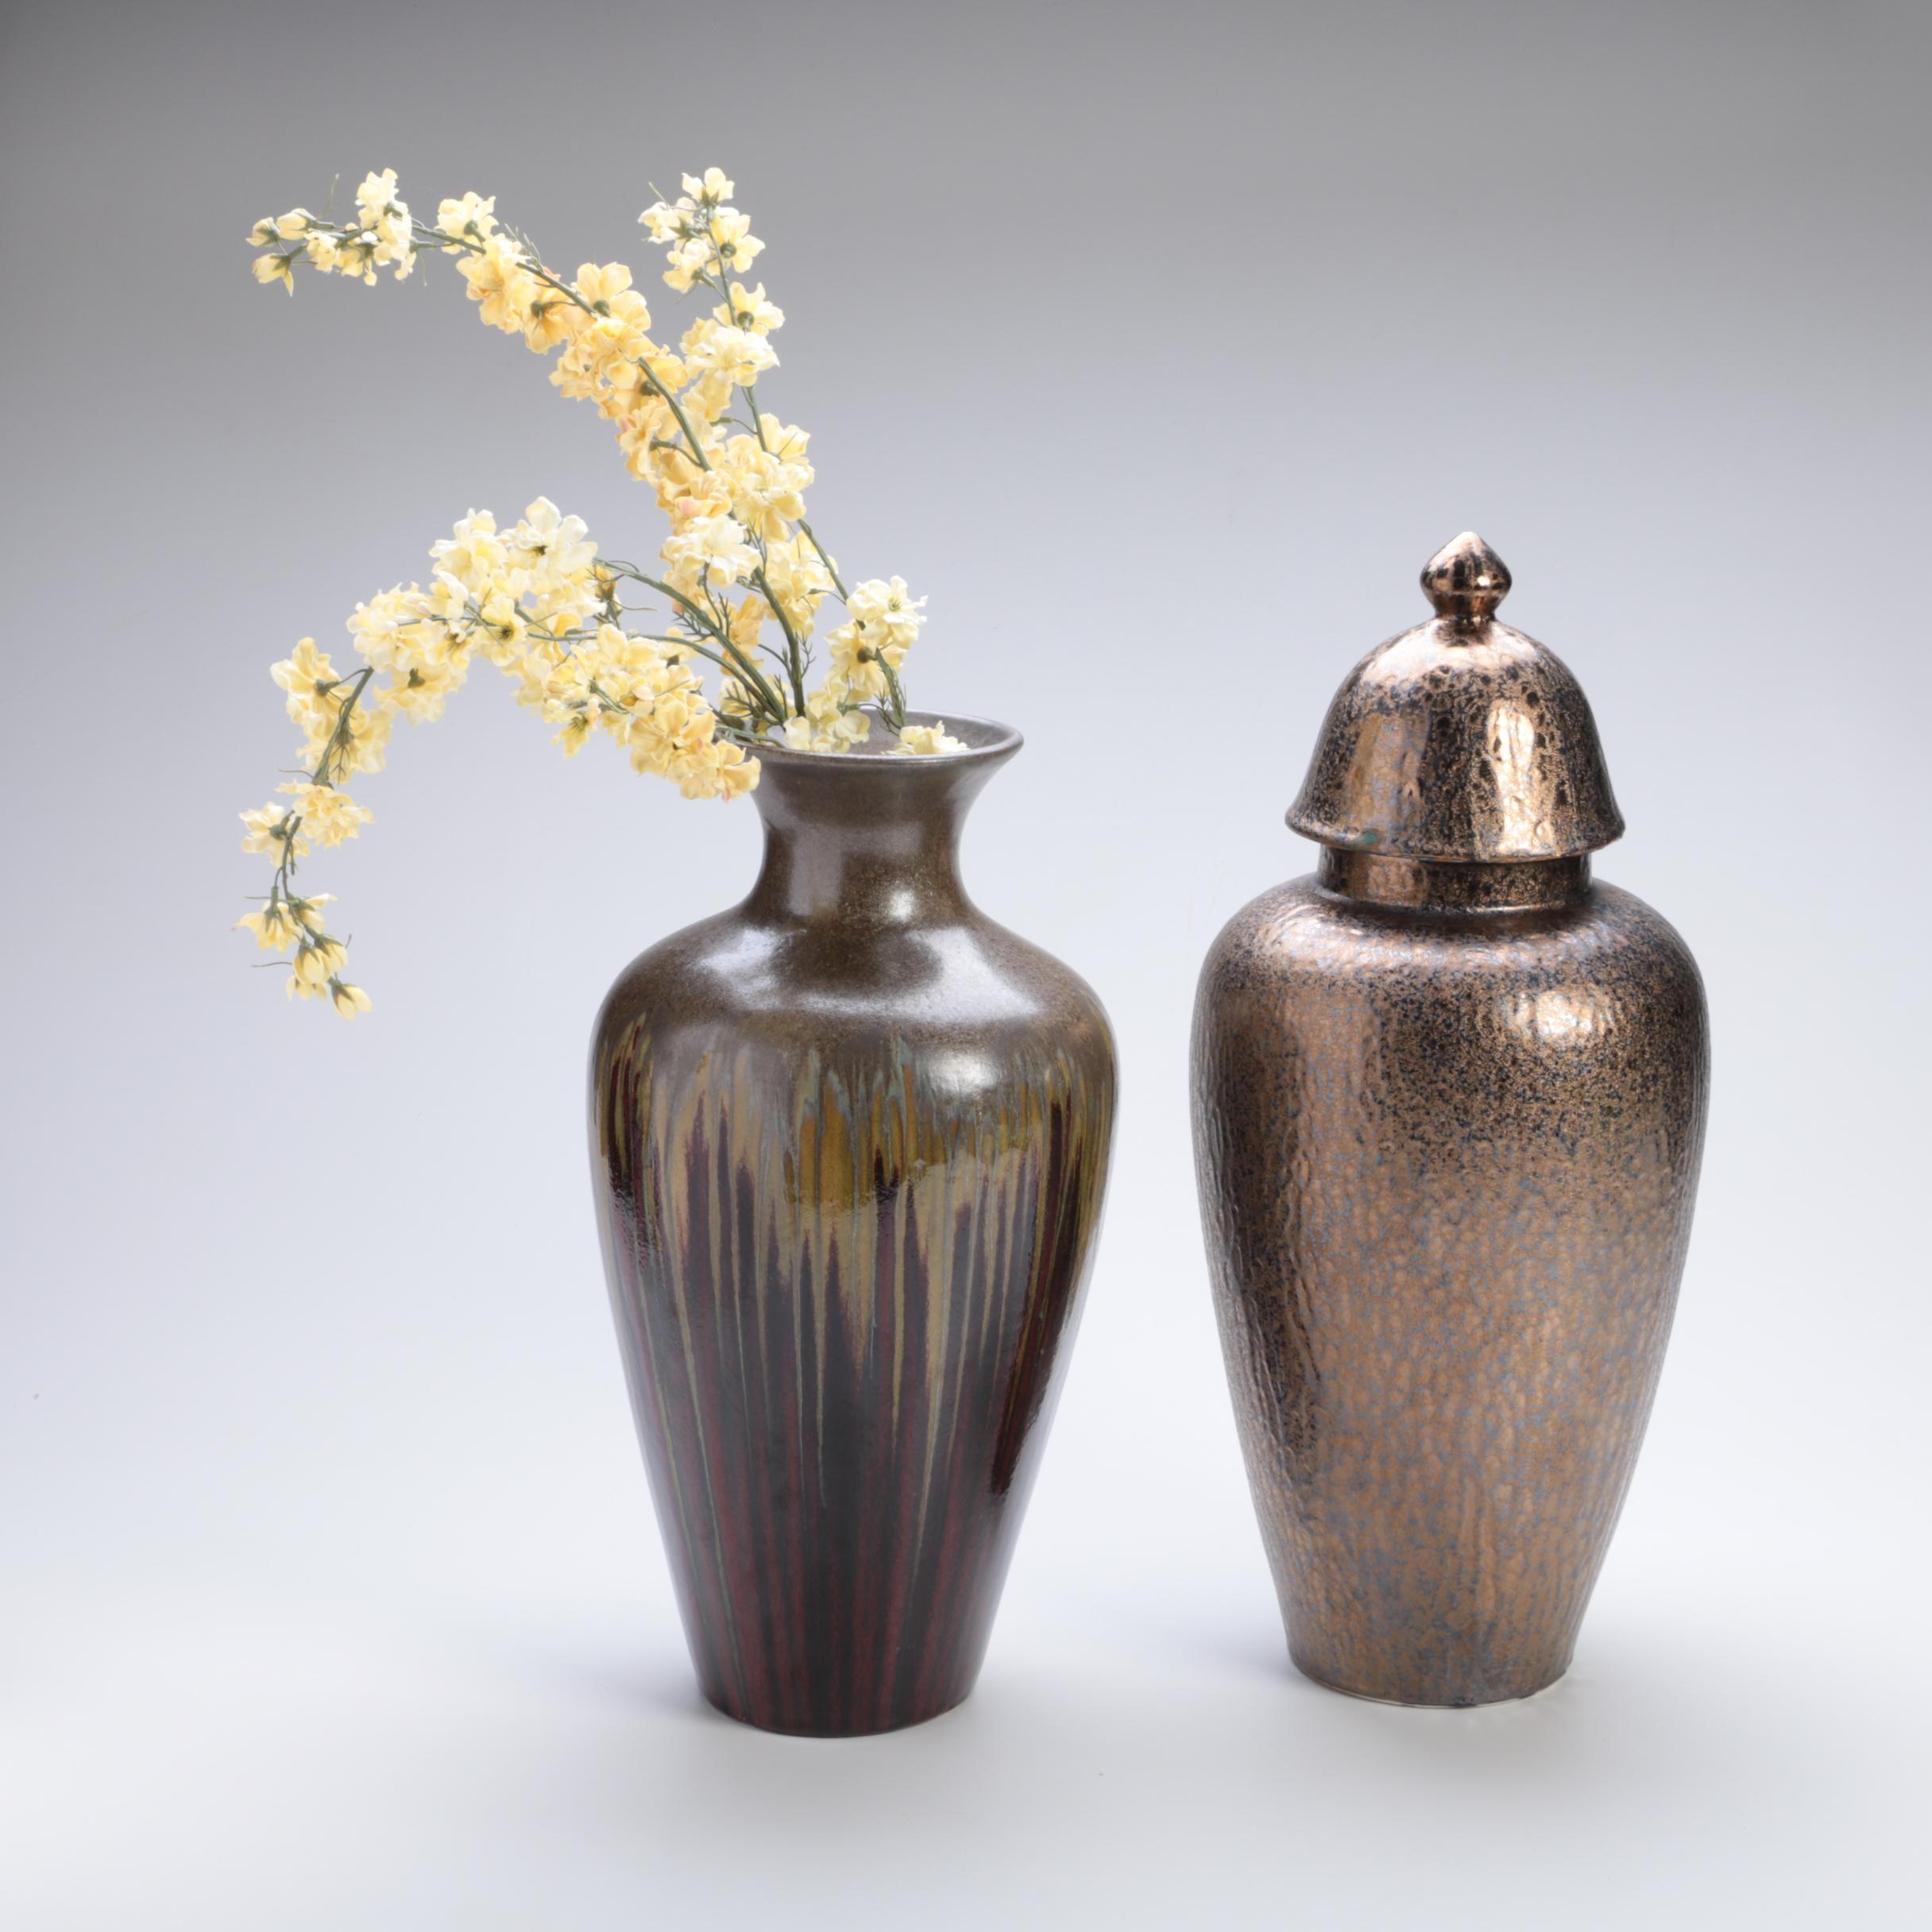 Ceramic Decor Vases with a Metallic Finish